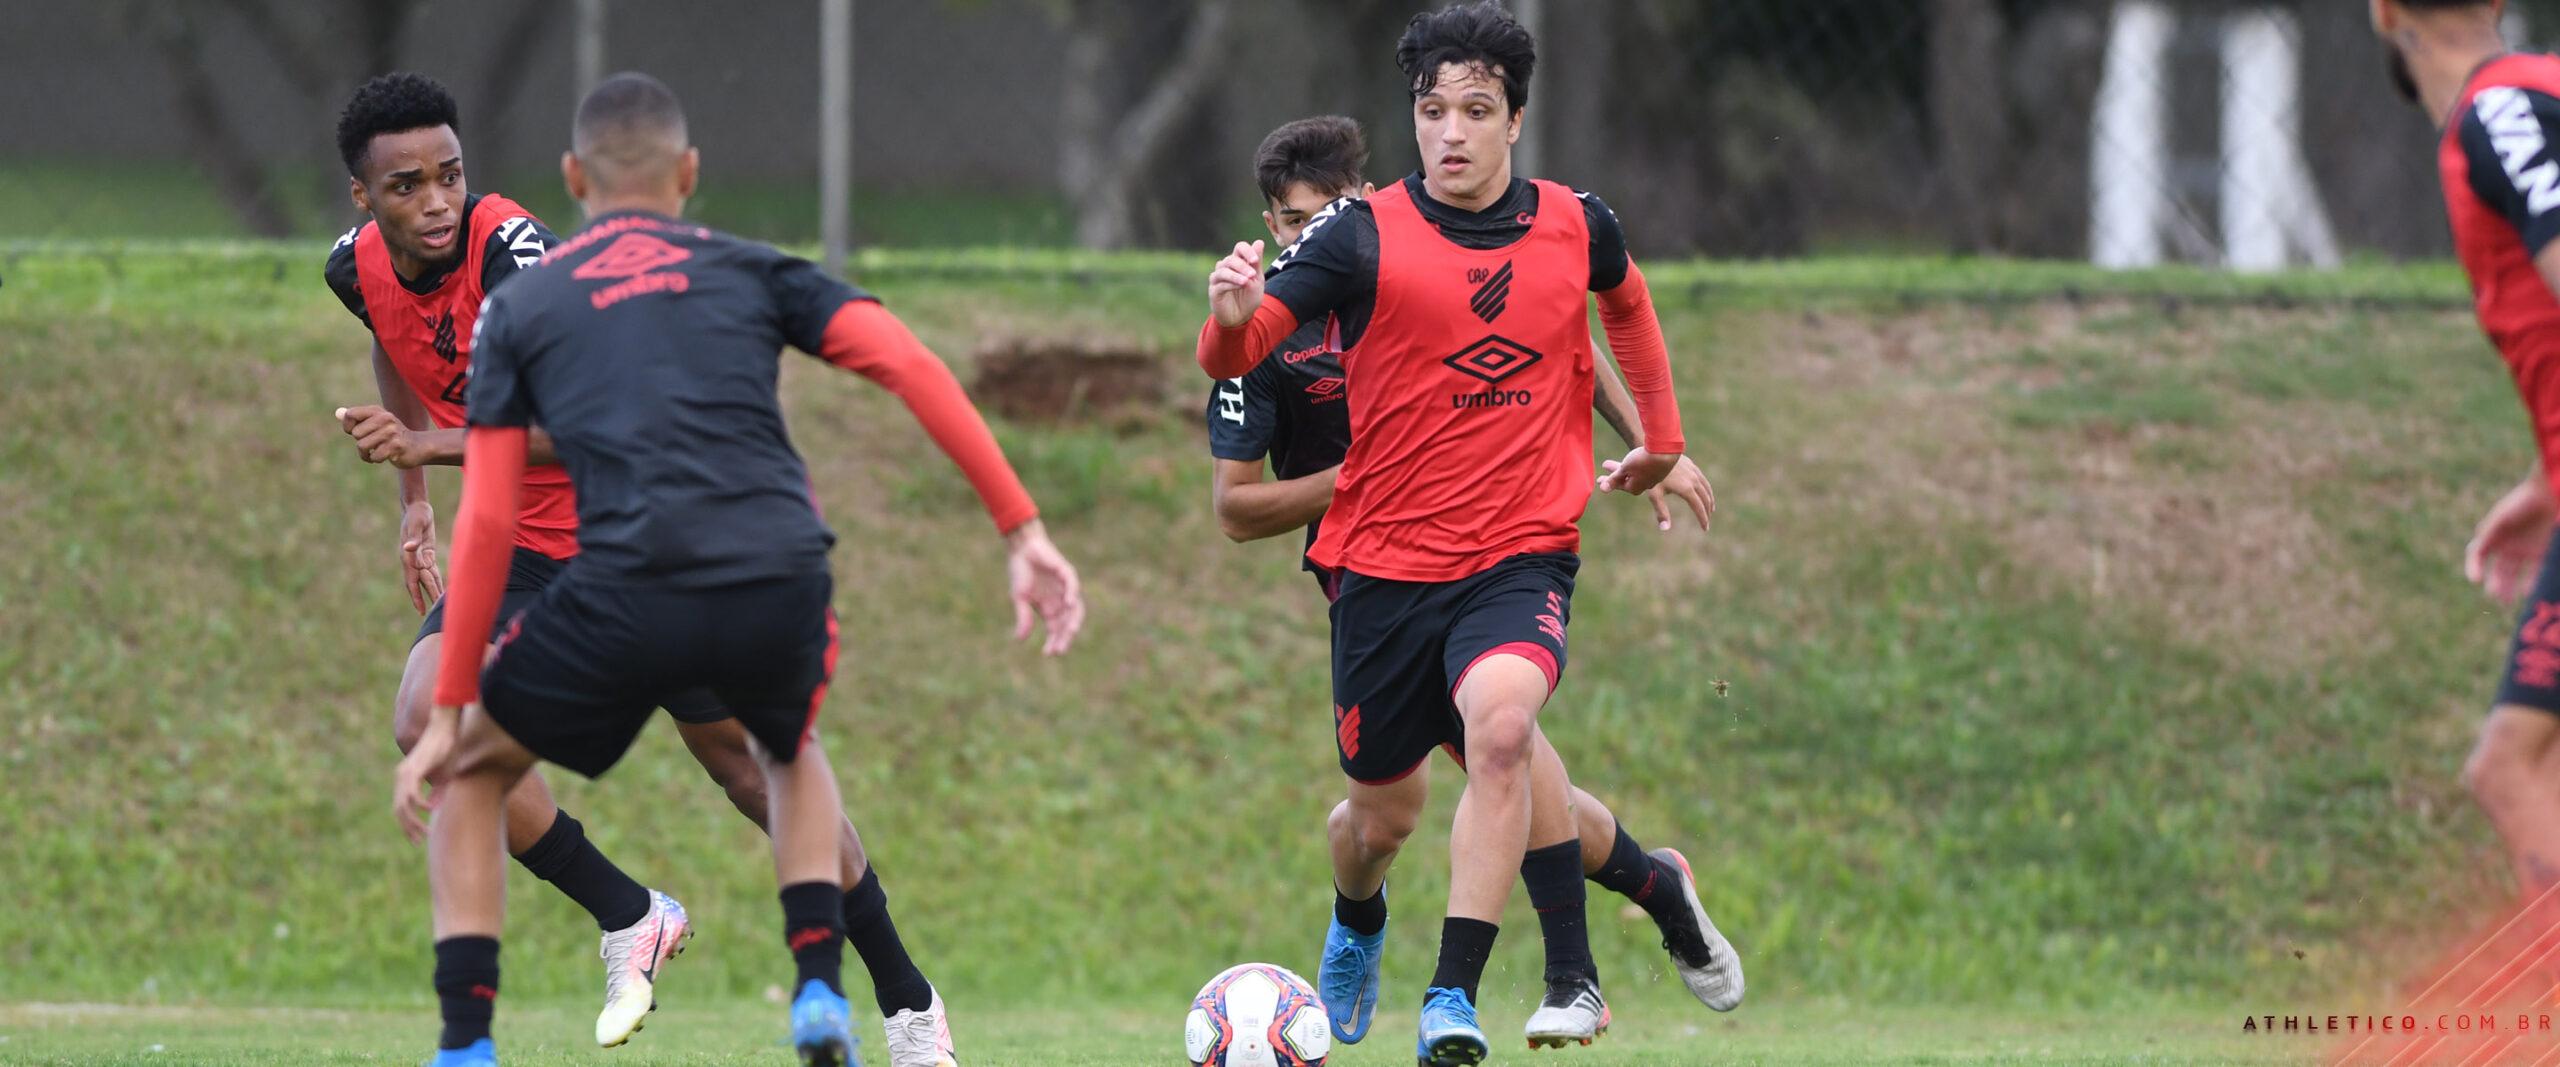 Equipe do Athletico realiza o penúltimo treino antes de retornar ao Campeonato Paranaense